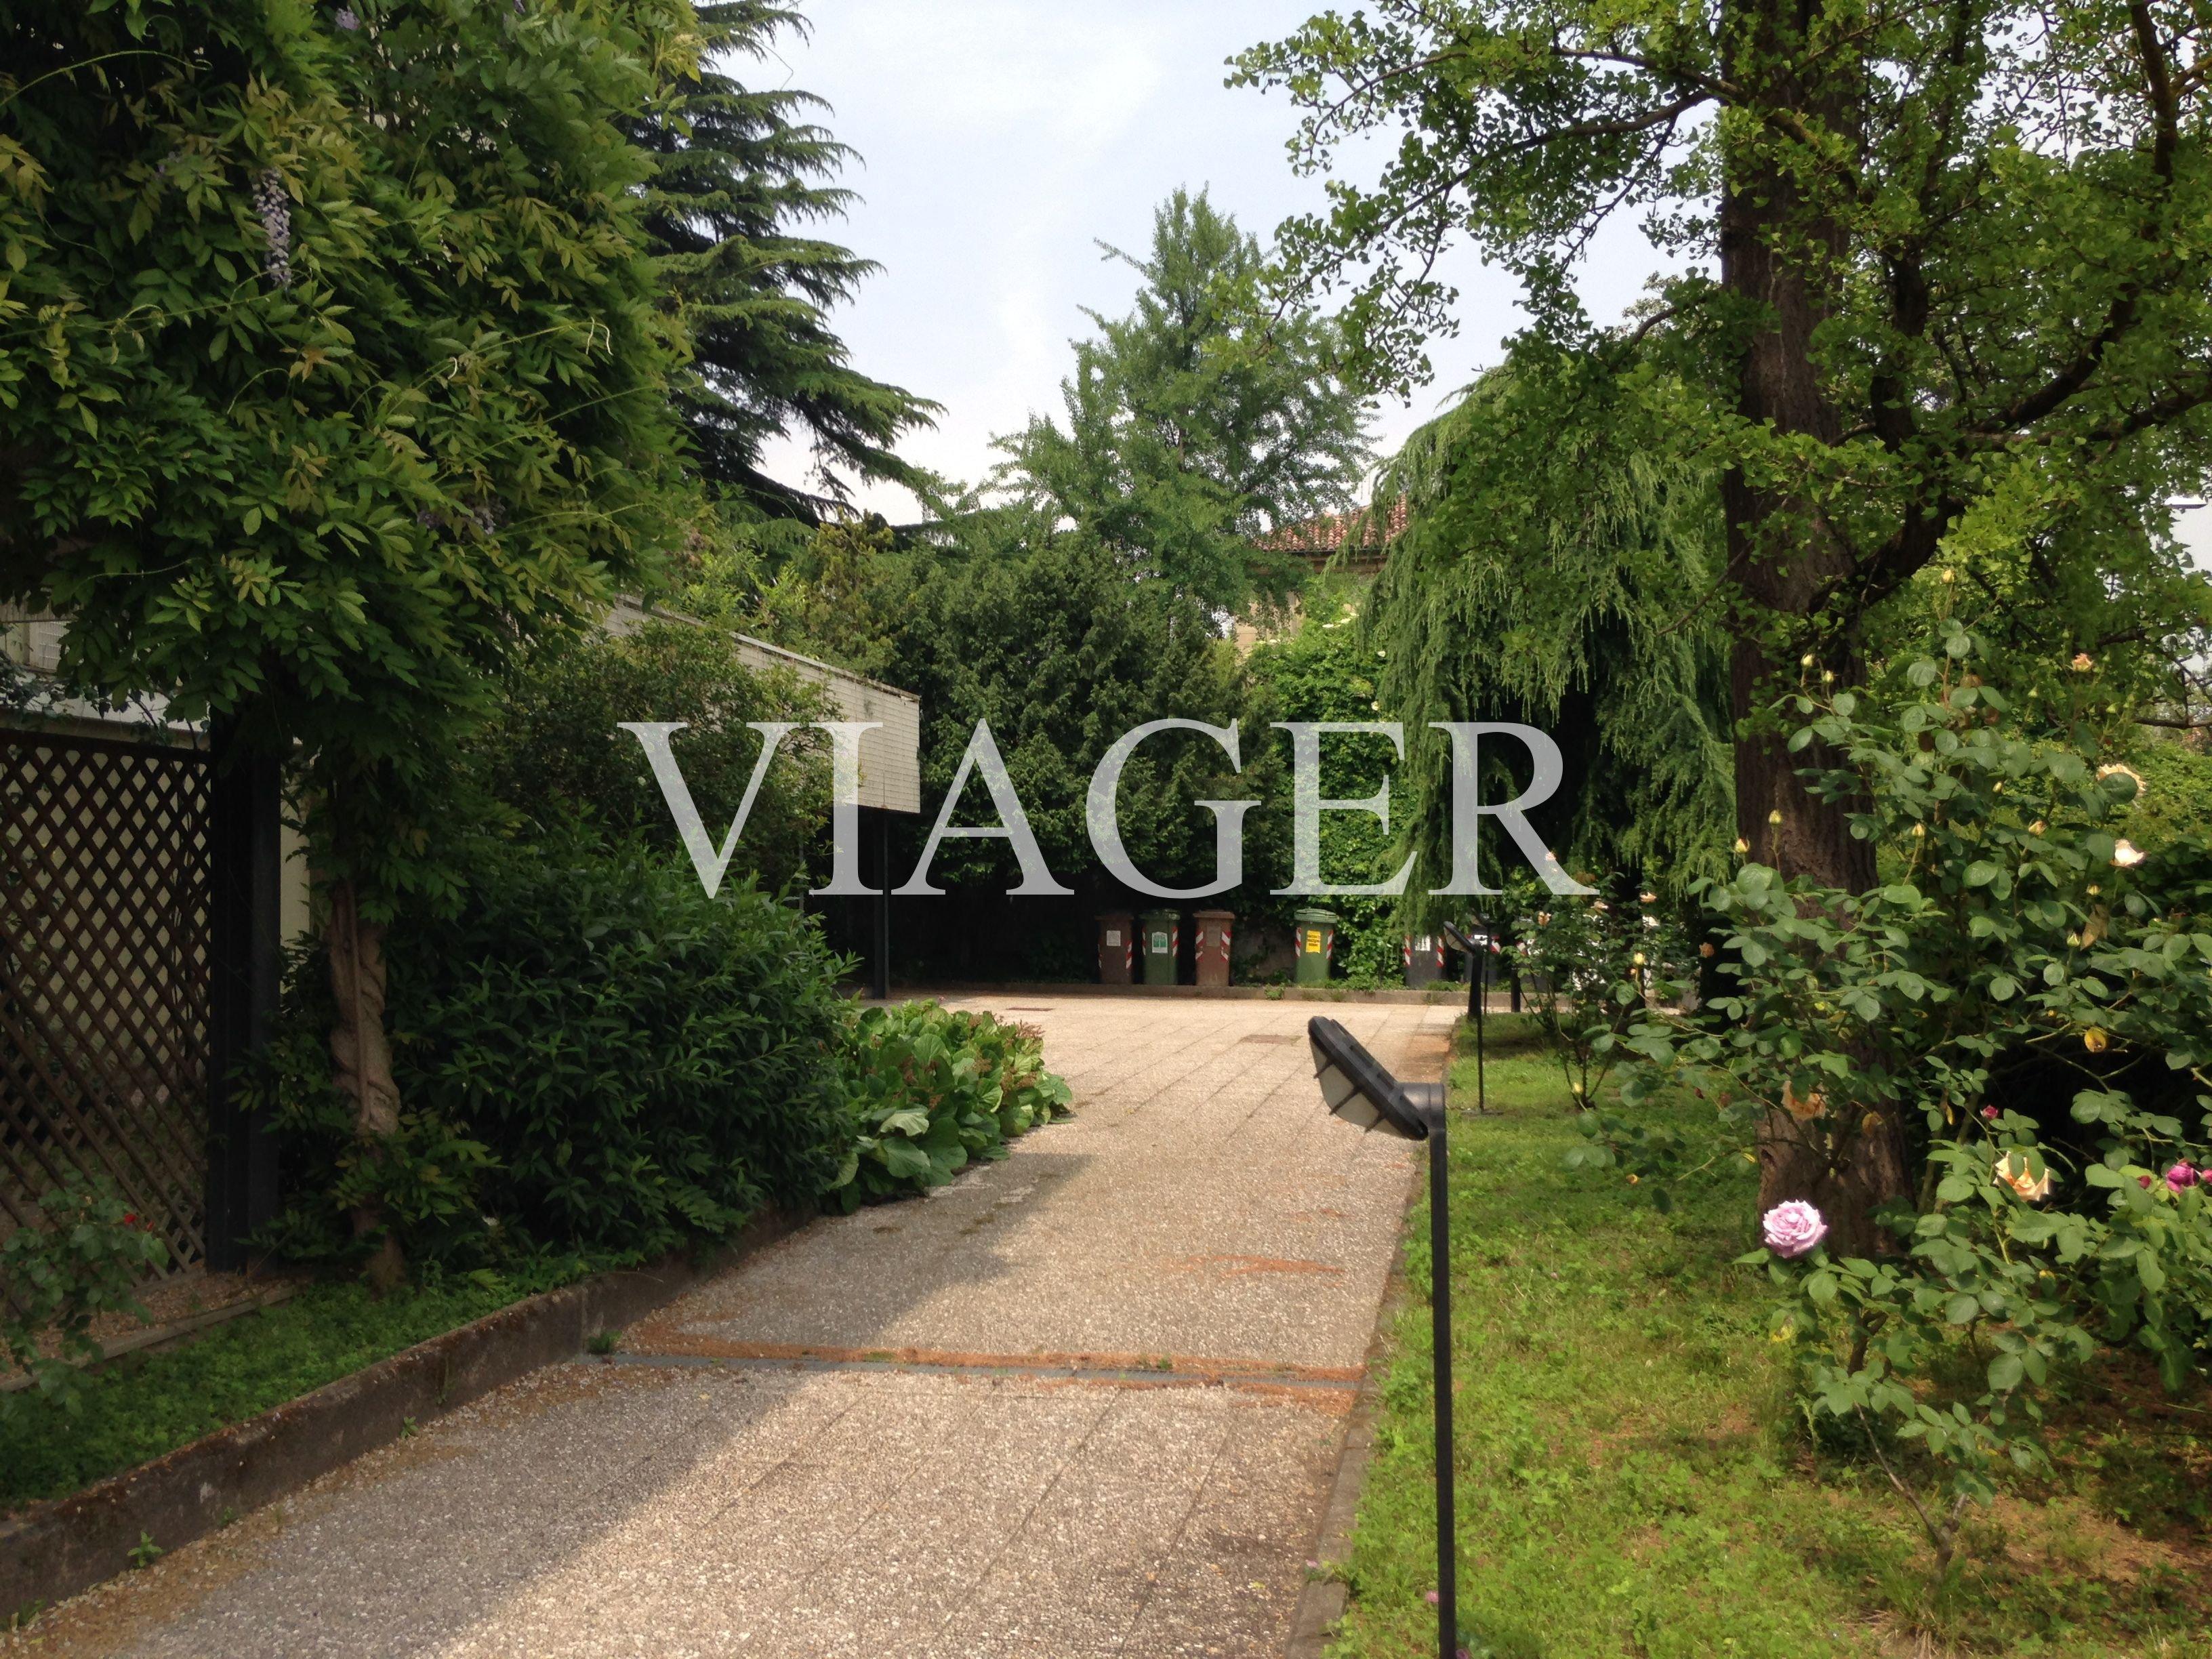 http://www.viager.it/public/Vgr-1319-11865_g.jpg